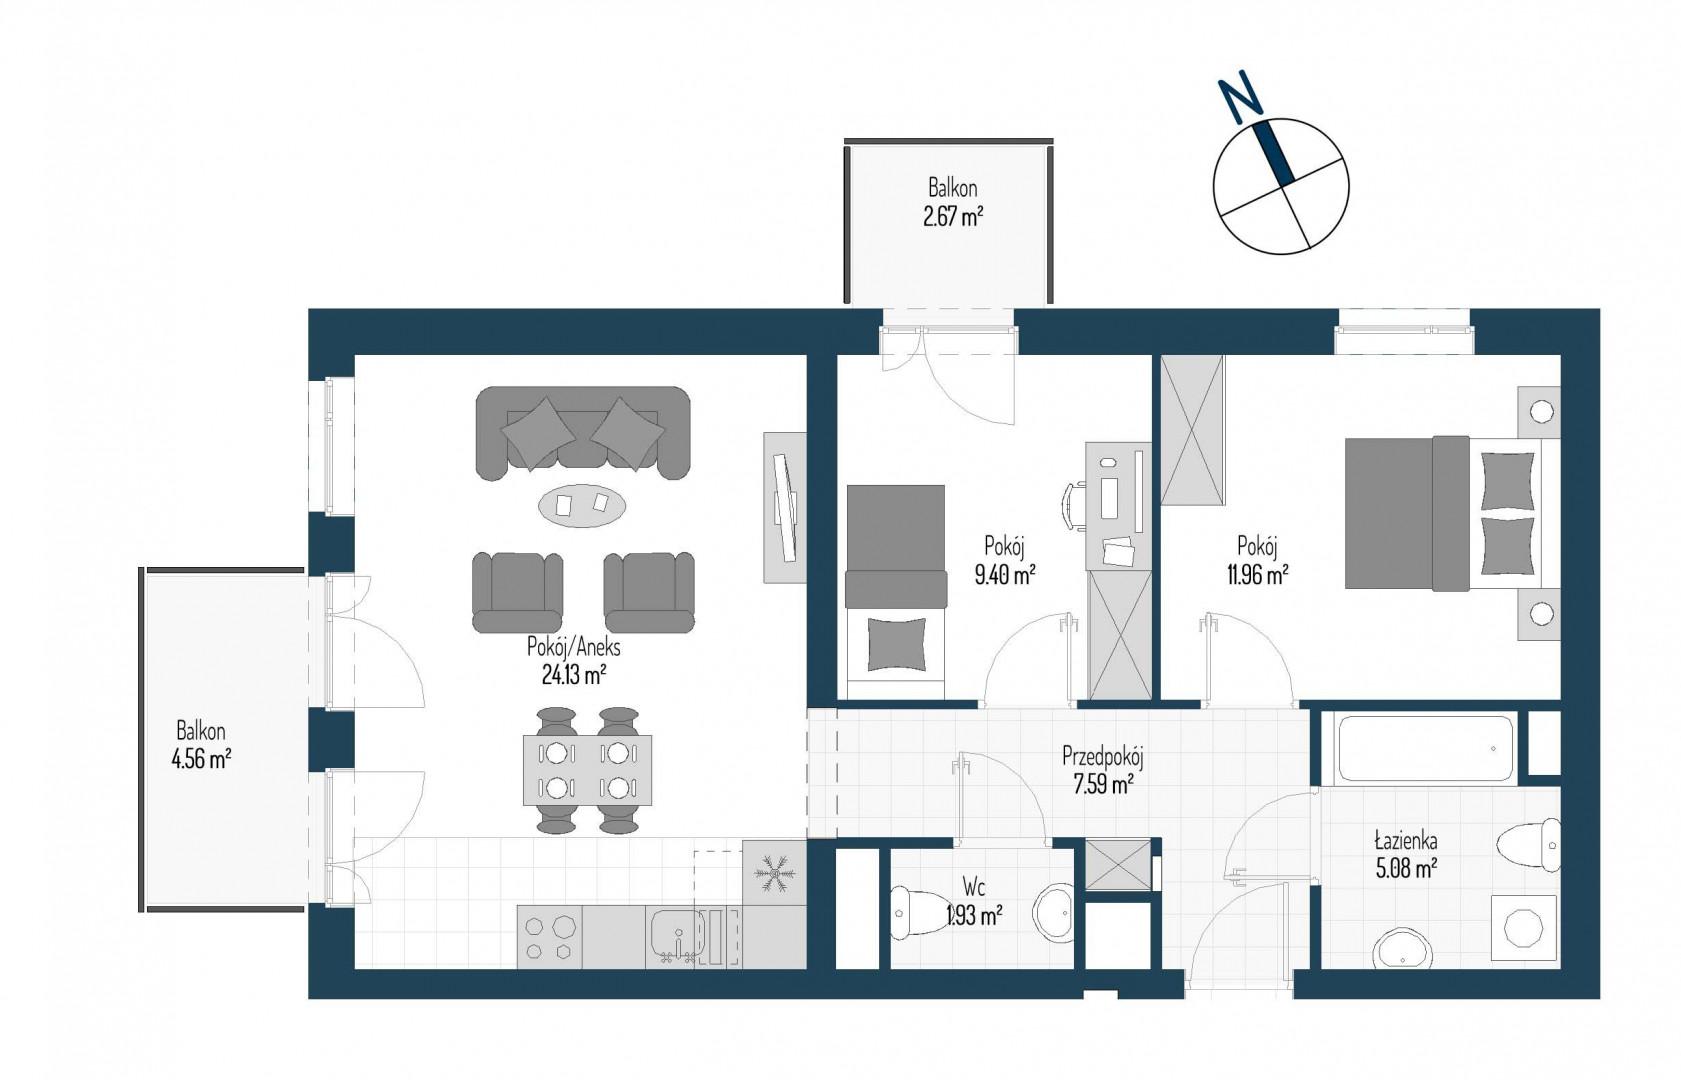 Zdrowe Stylove / budynek 1 / mieszkanie nr M19 rzut 1